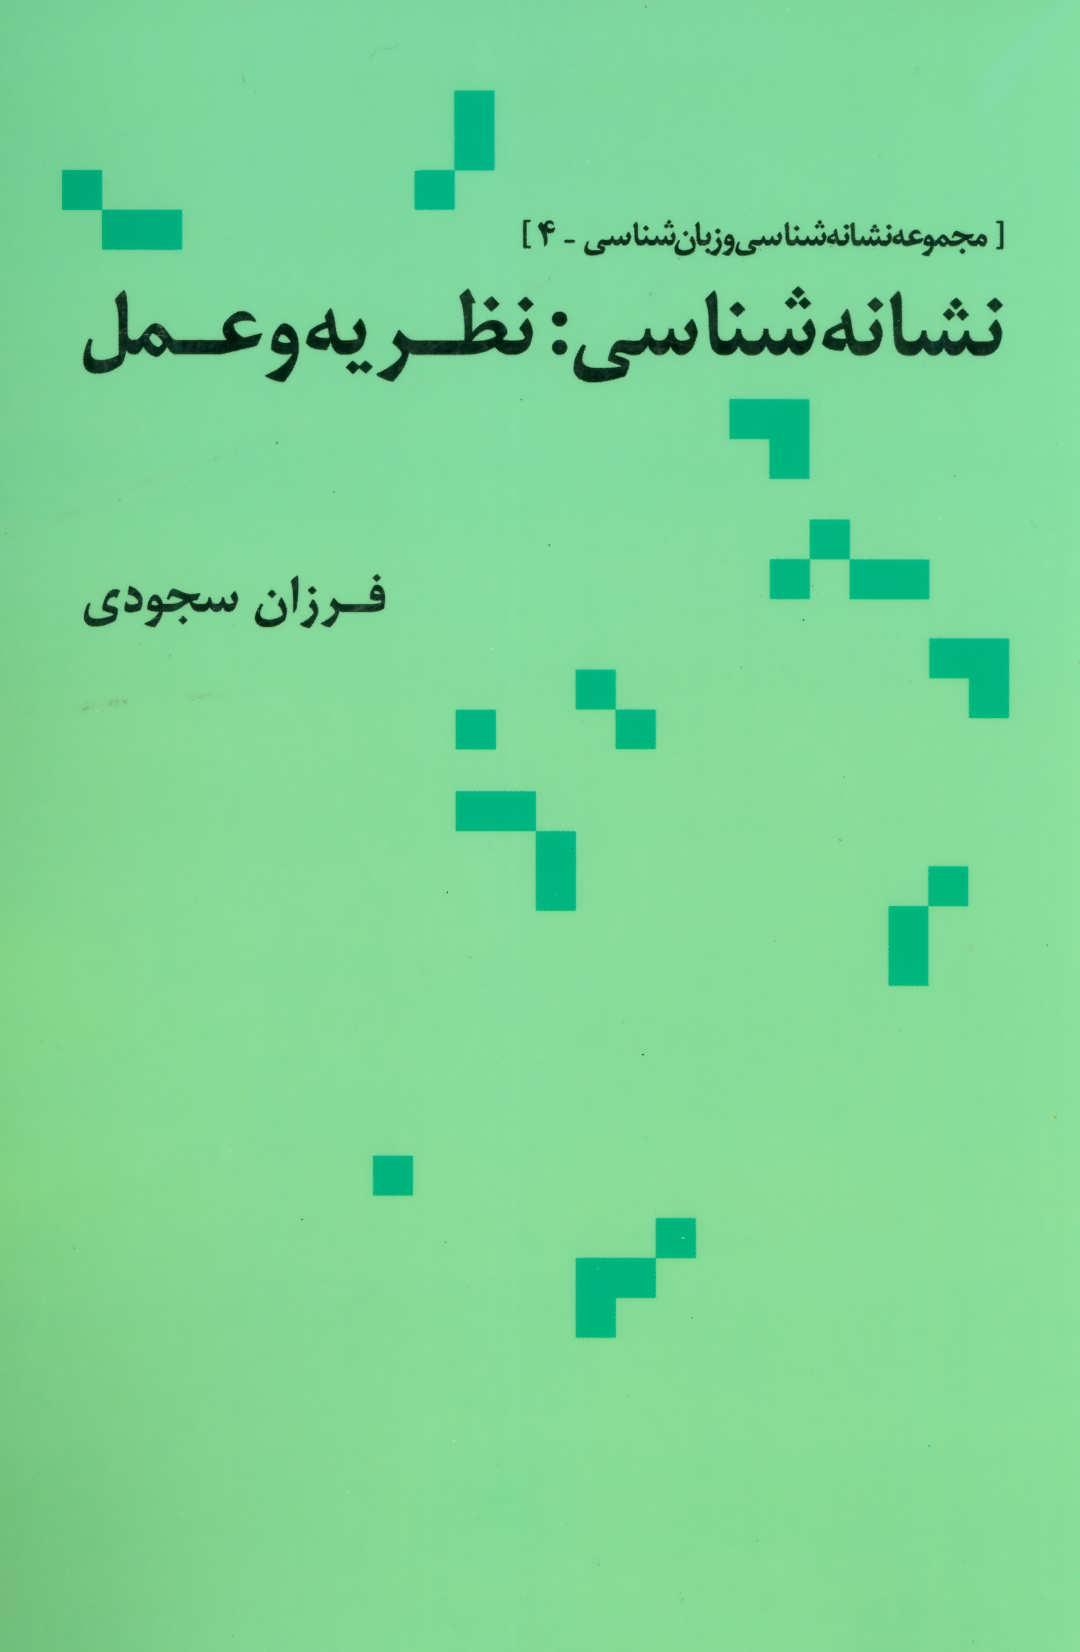 نشانه شناسی:نظریه و عمل (مجموعه نشانه شناسی و زبان شناسی 4)